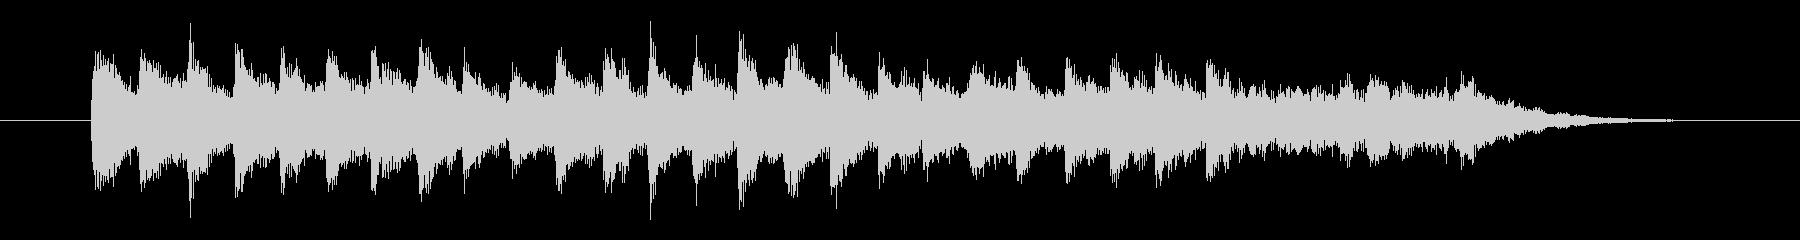 二度寝の気持ち良さを音楽で表現したBGMの未再生の波形